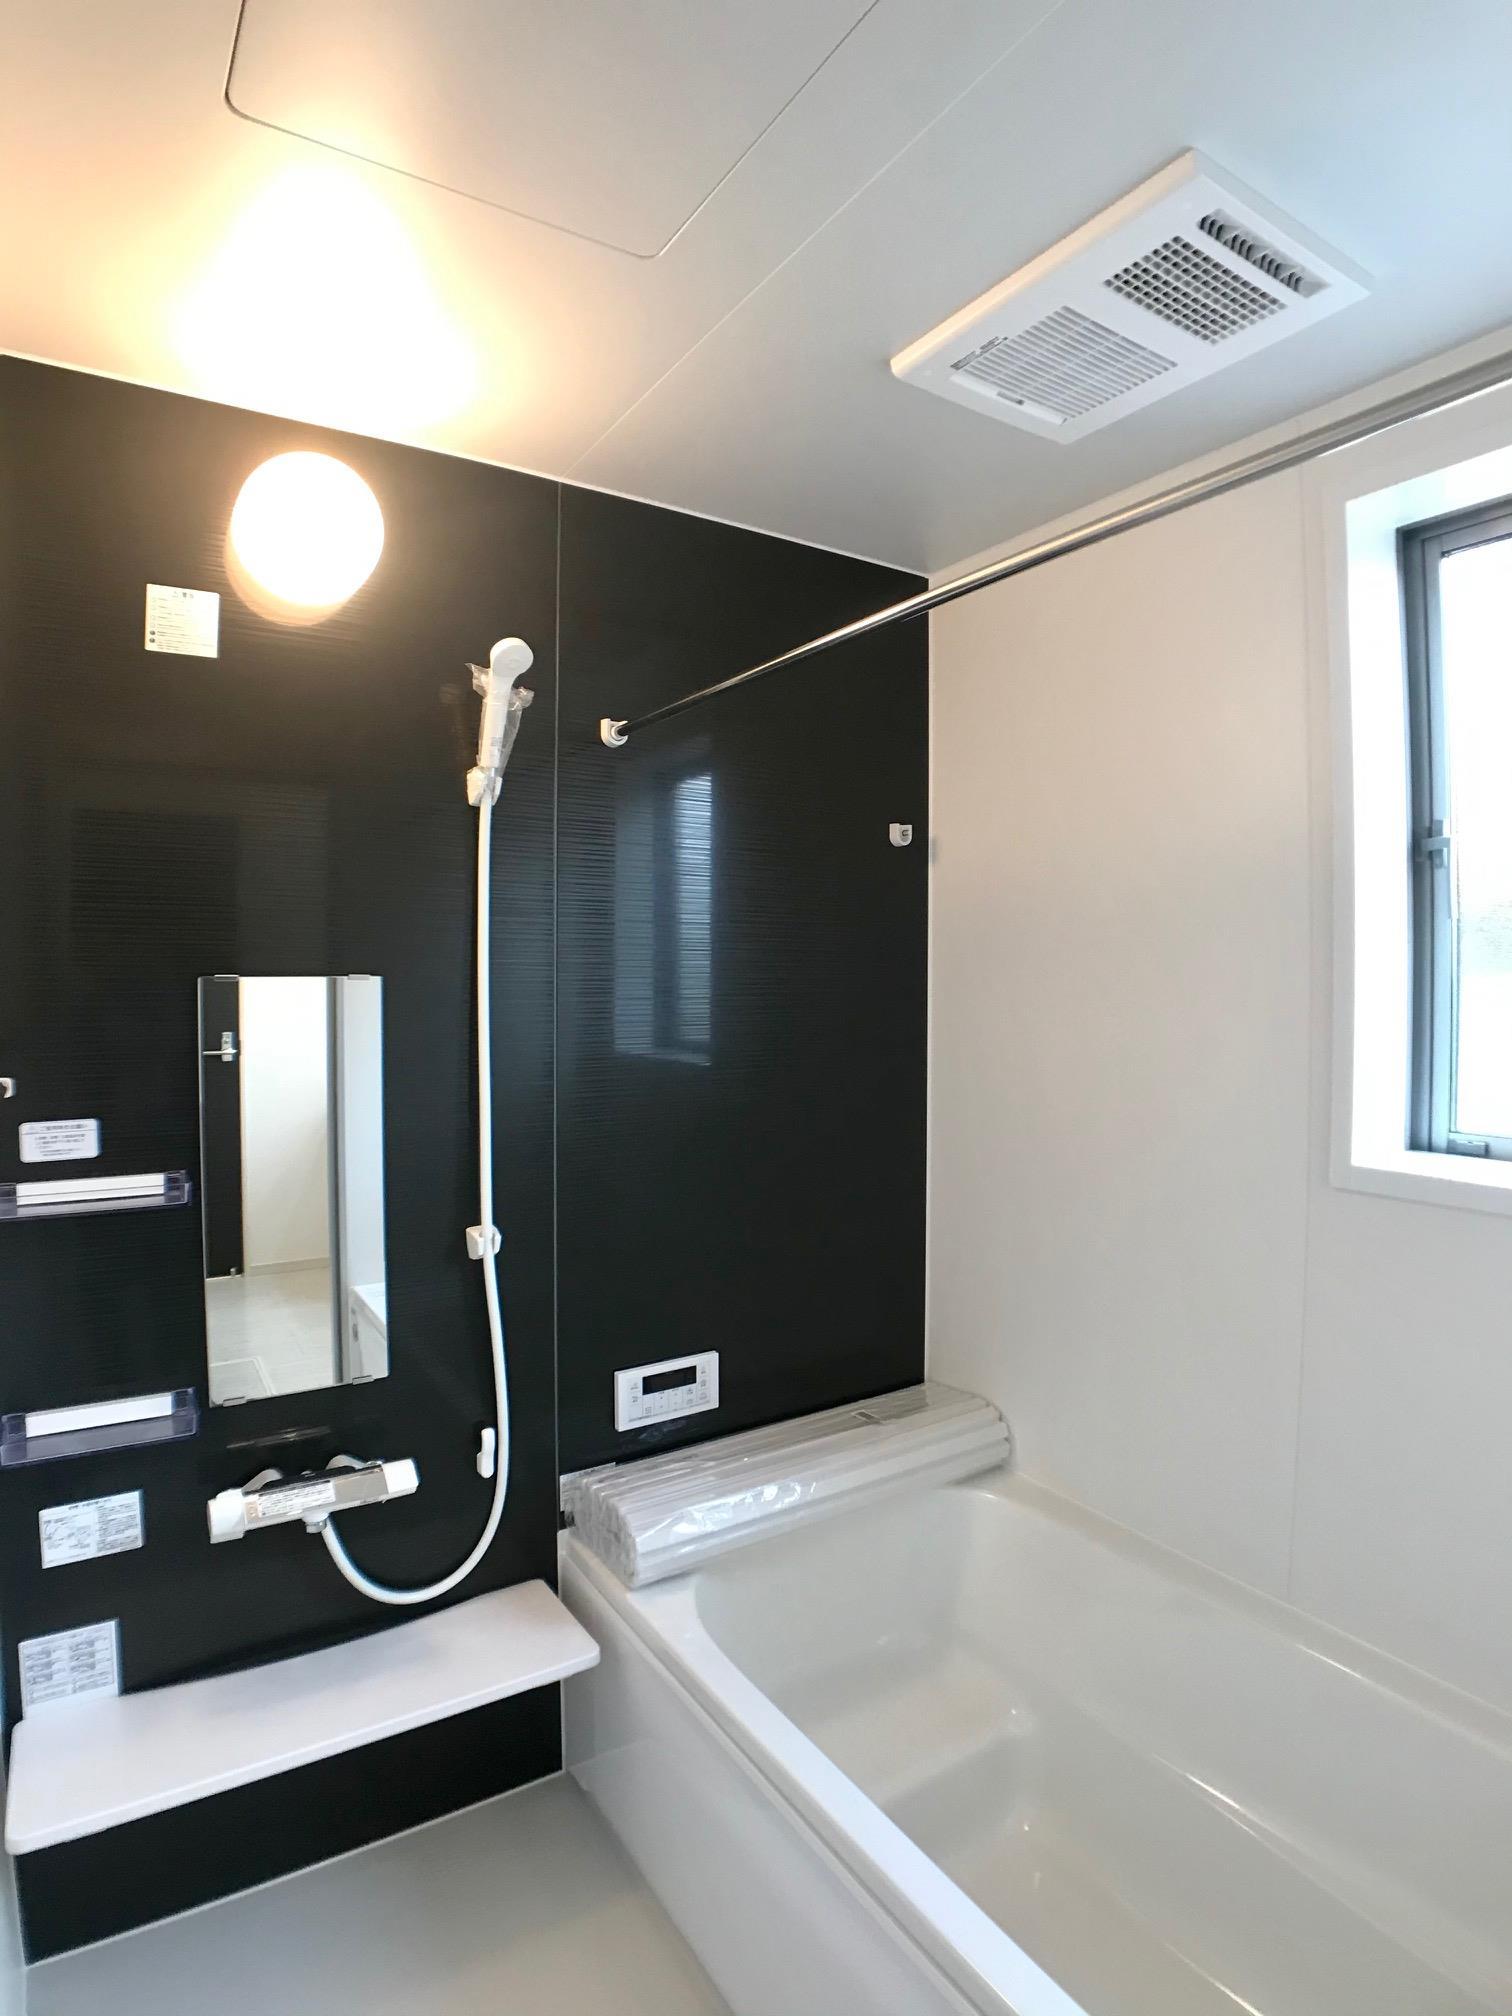 毎日の疲れをいやすお風呂。ホッとくつろげる空間です。一日の疲れを癒すバスルームは広々1坪タイプ!浴室乾燥暖房機のついた充実の設備です。寒い季節にはヒートショック予防にもなります。